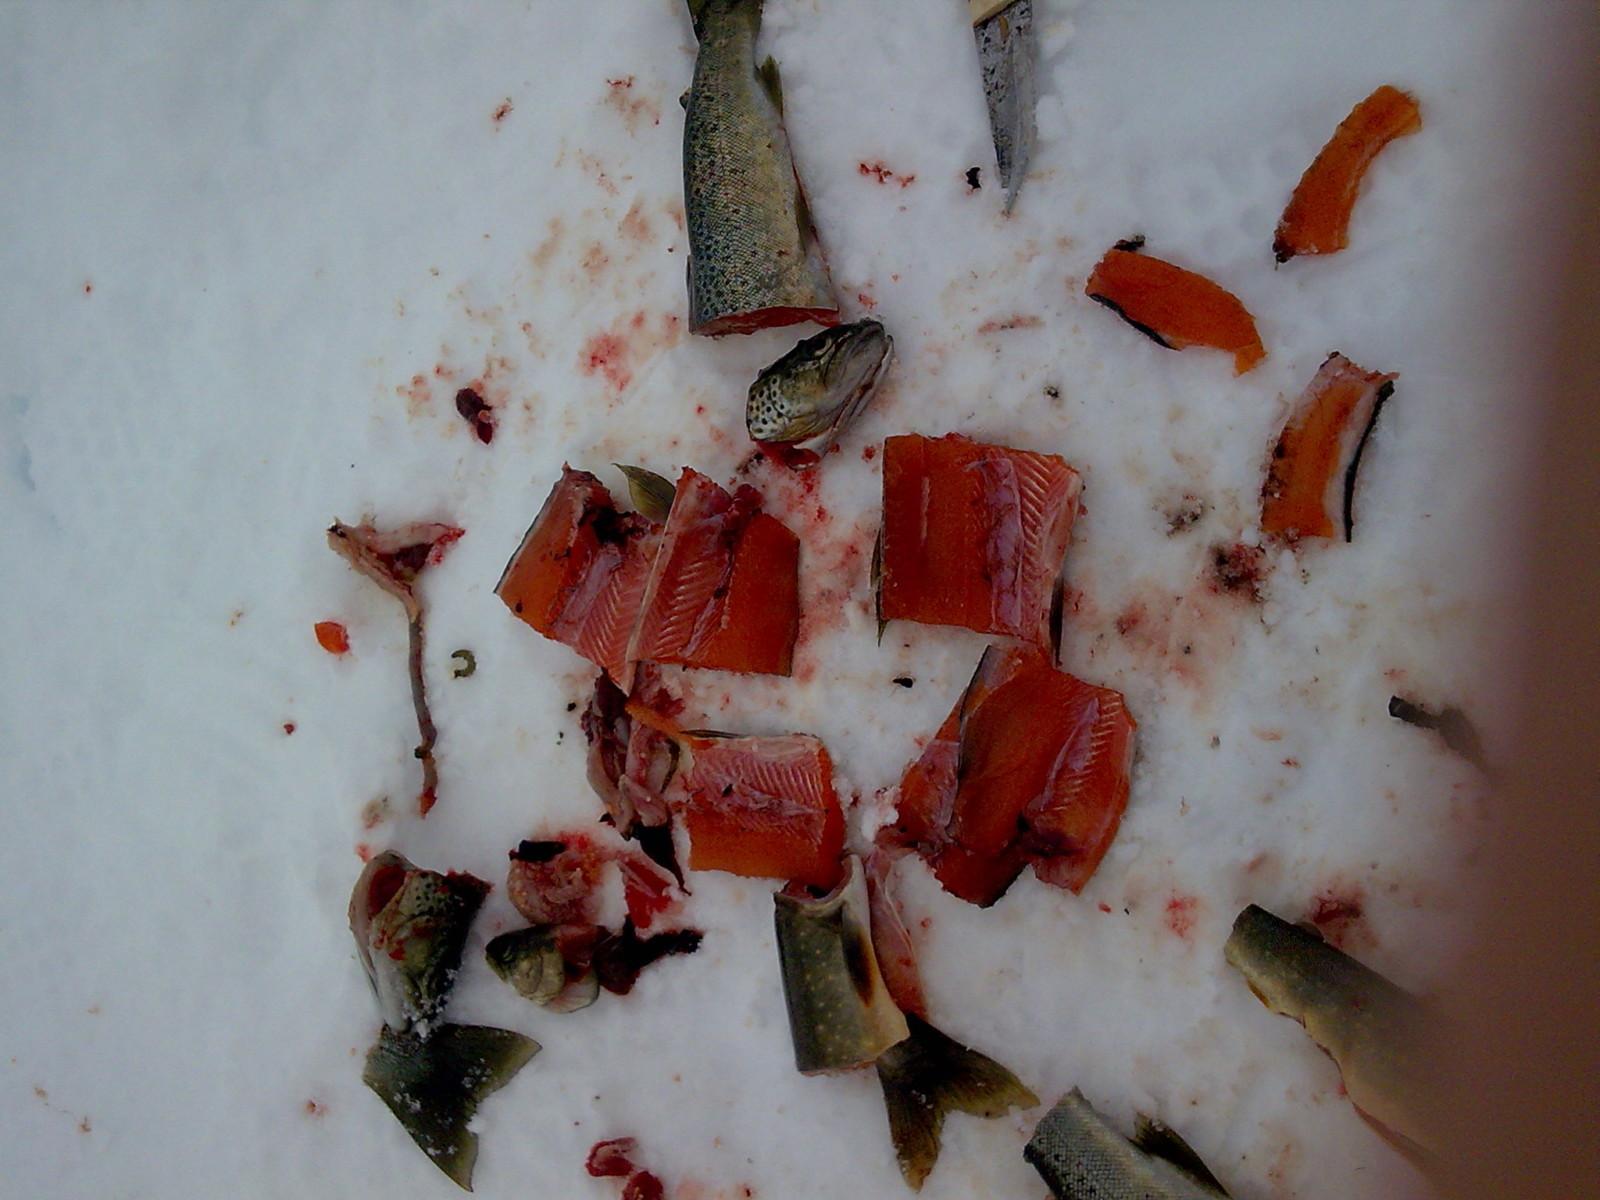 kvalitetsfisk-fra-finnmark.jpg